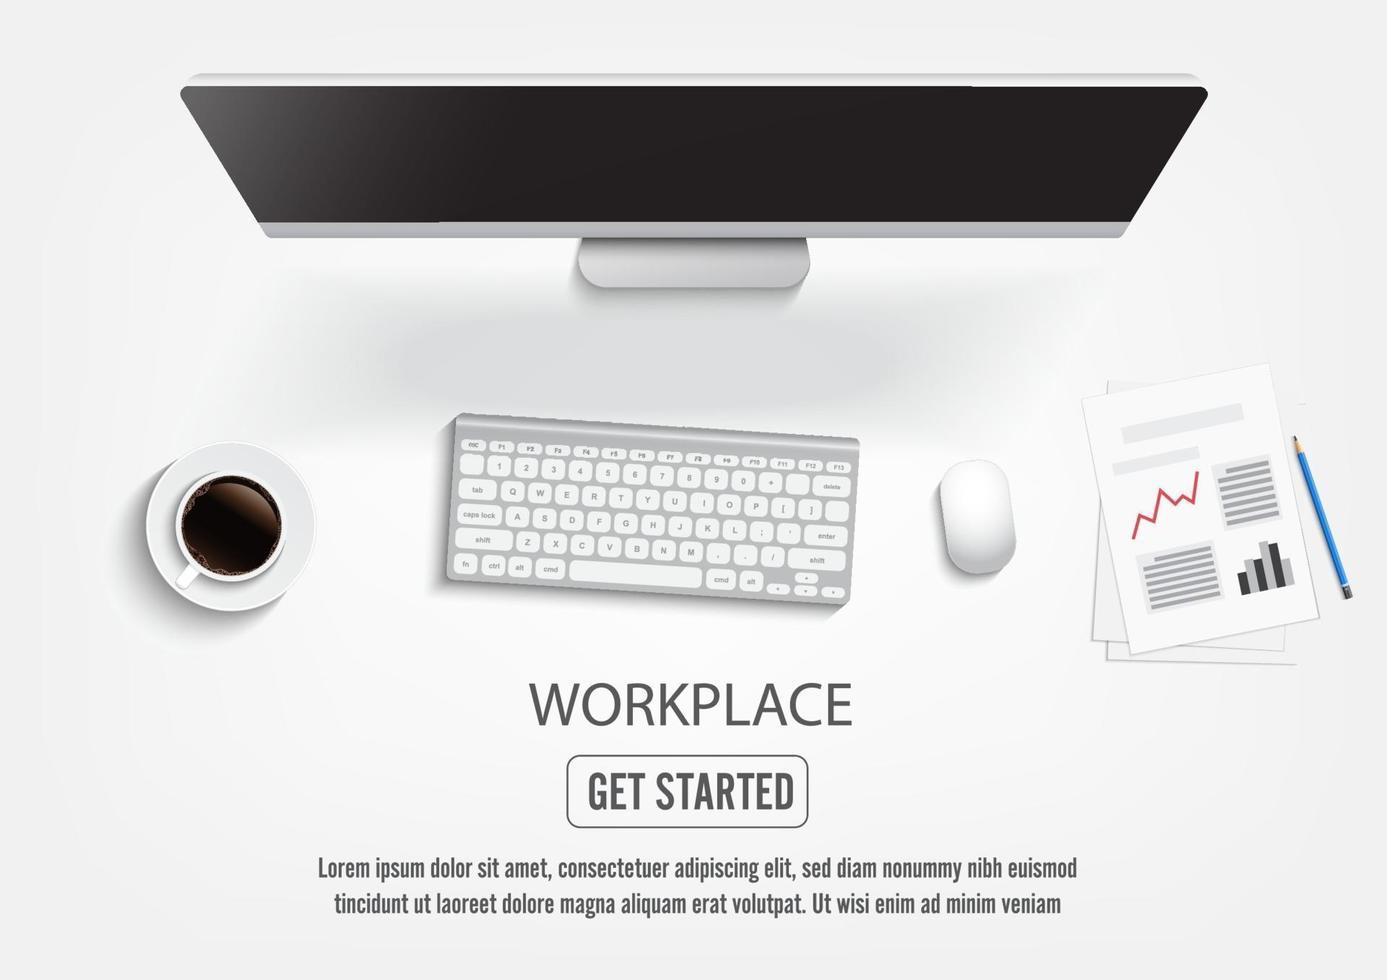 desktop realistico sul posto di lavoro. tavolo scrivania vista dall'alto, personal computer con tastiera. vettore